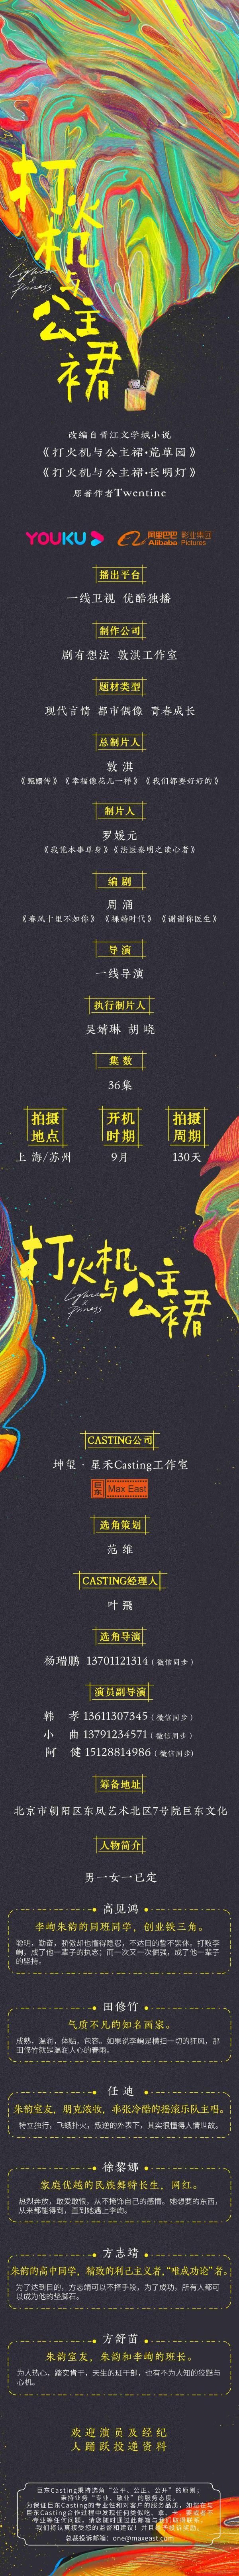 晋江T大作品首度影视化 《炽道》《打火机与公主裙》双IP启动